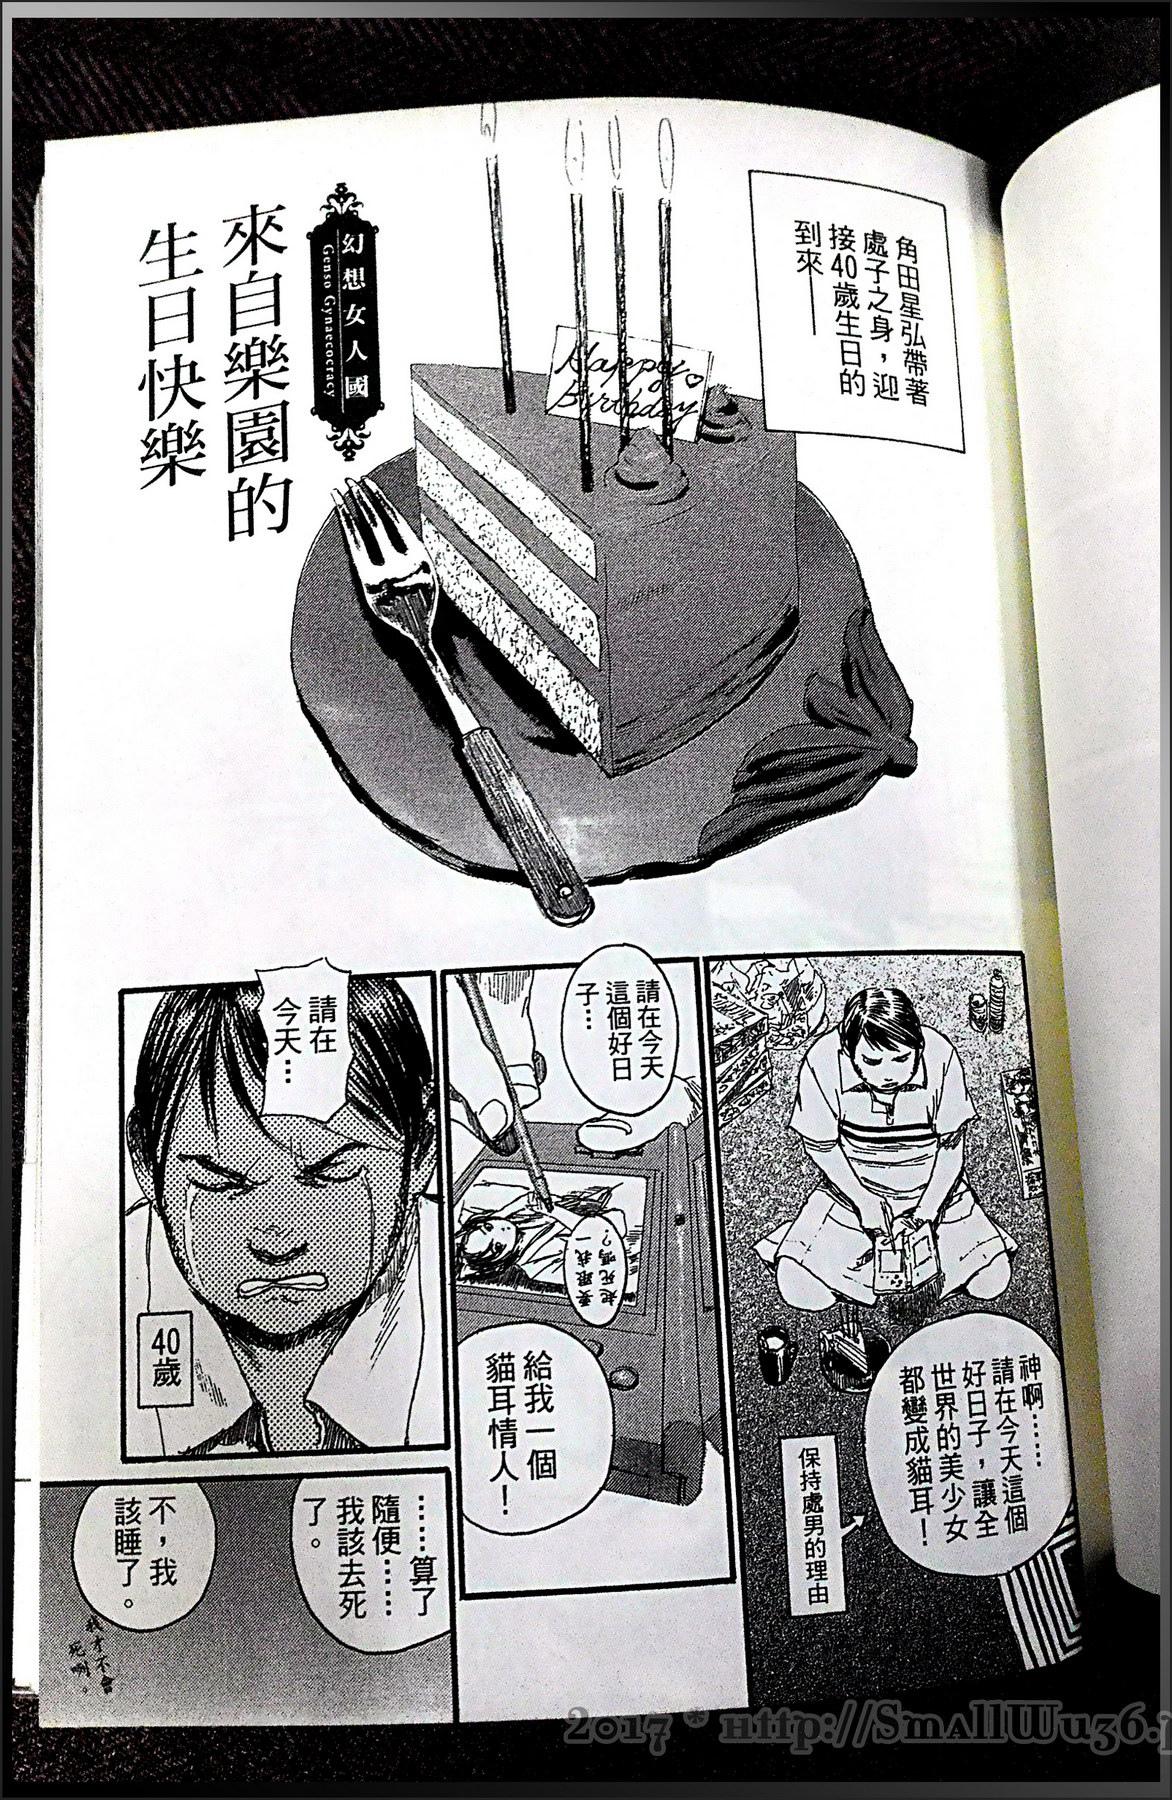 [感想] 沙村廣明《幻想女人國》Vol_ 1~,東立-02.jpg